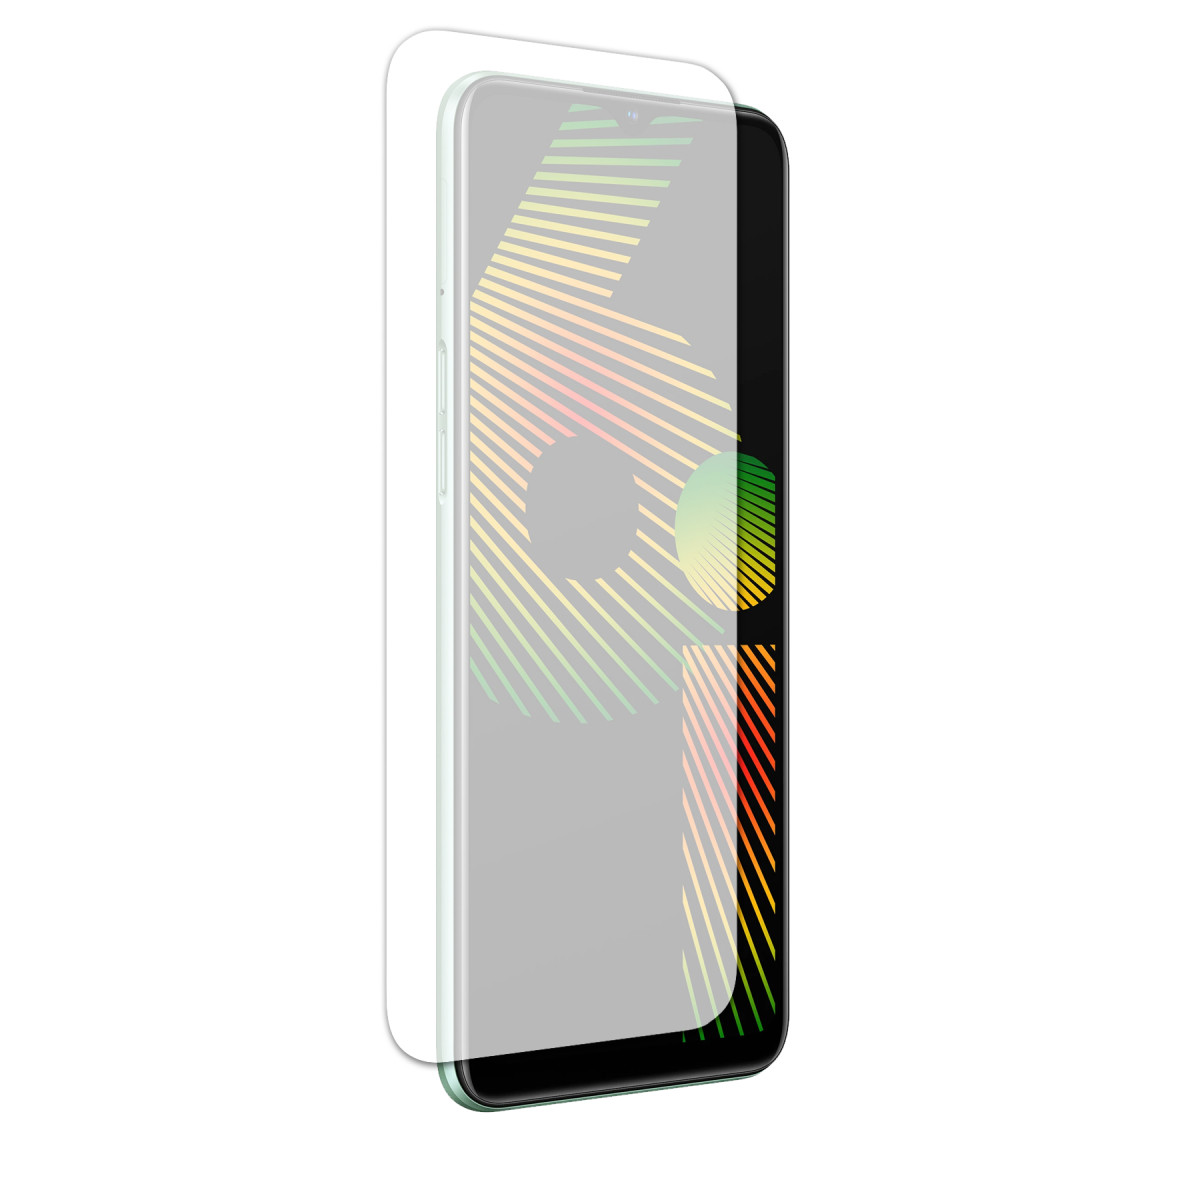 Гідрогелева захисна плівка для смартфонів Realme (C2/C3/5/6i/XT/6/6 Pro/Pro X2 та інші)